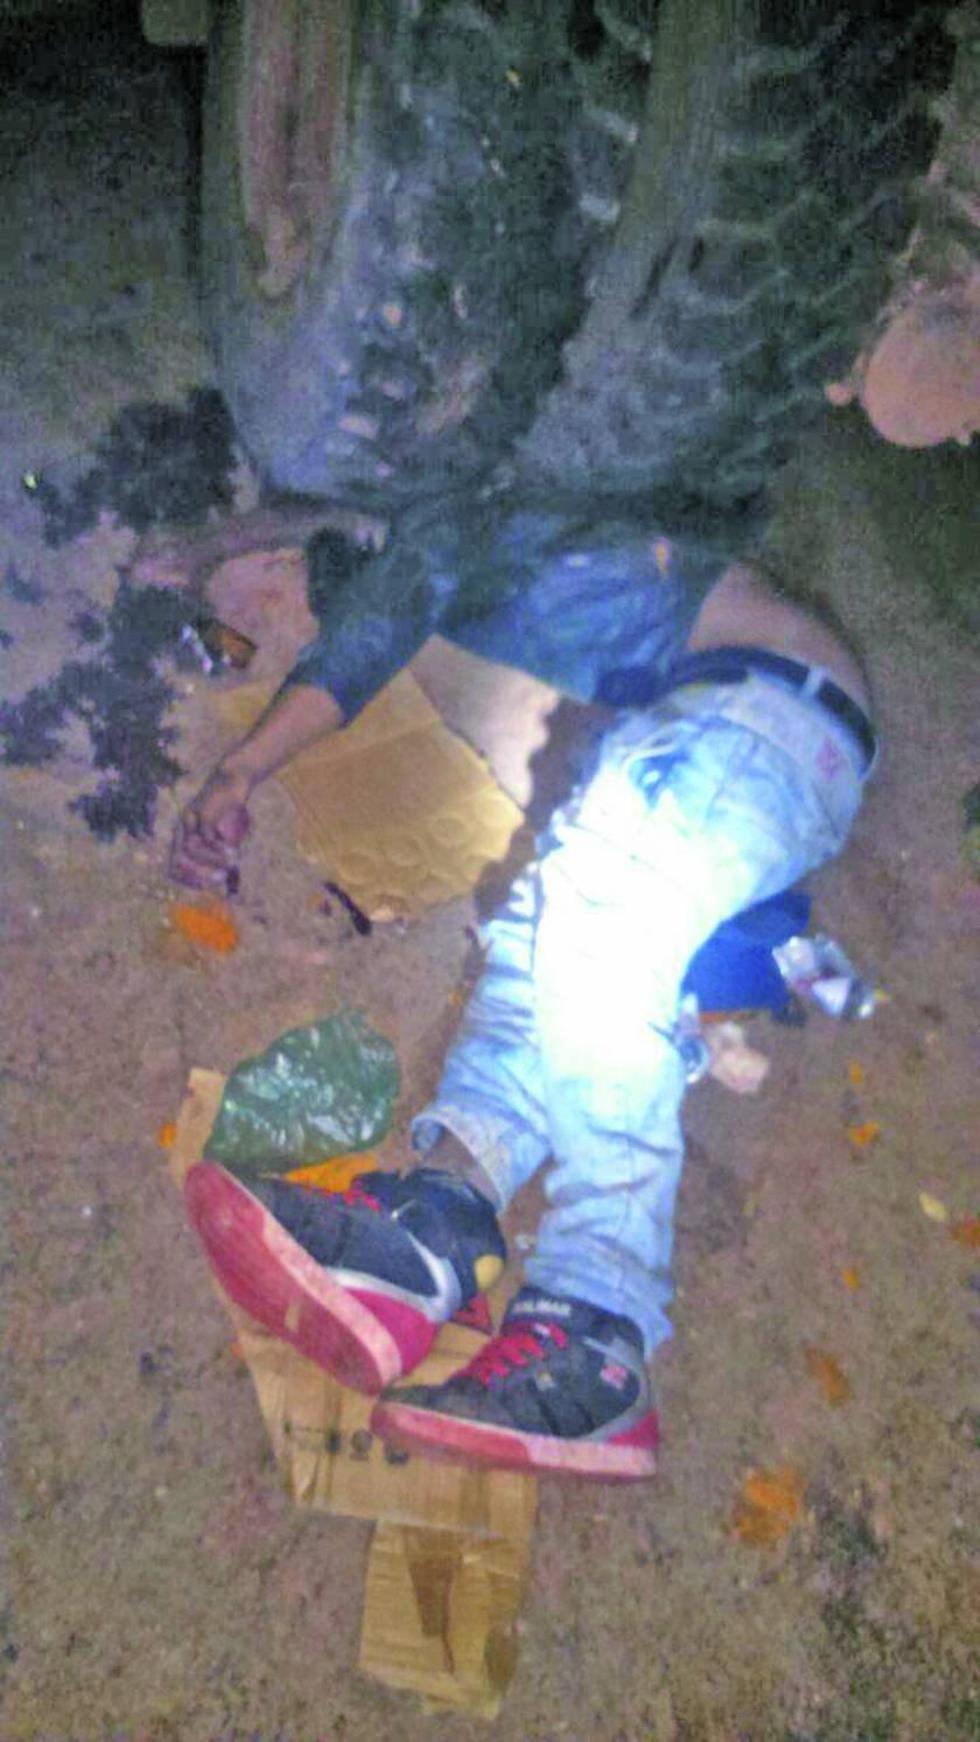 Uno de los cuerpos fue encontrado entre las llantas.